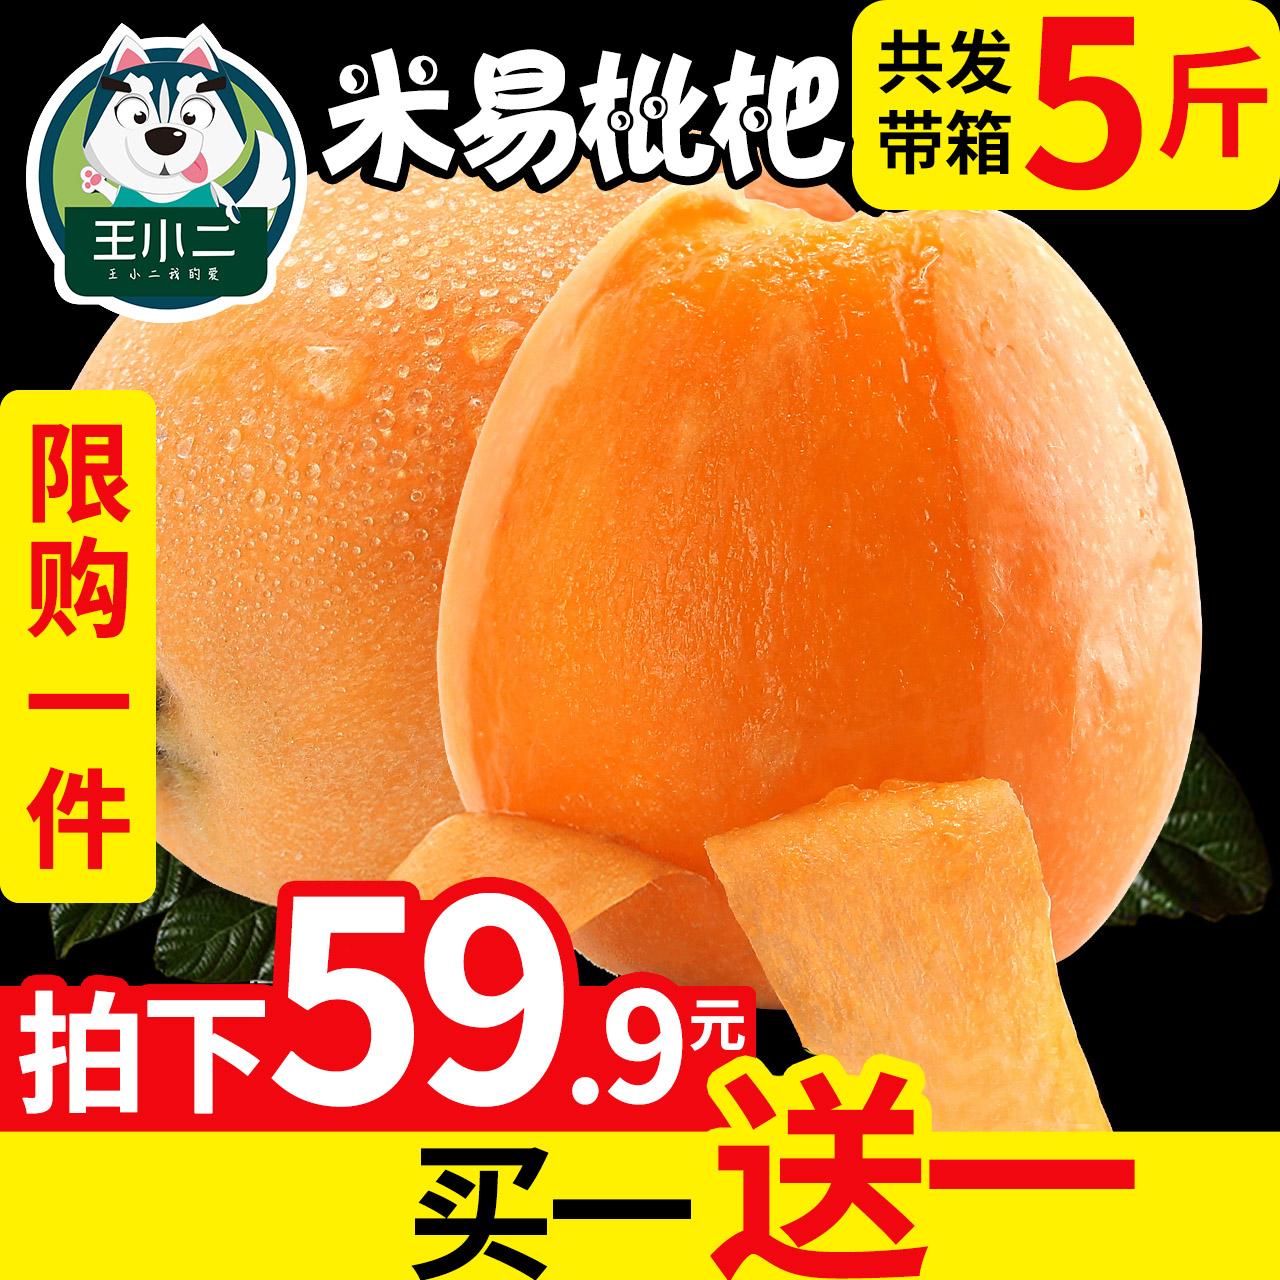 【买1送1】攀枝花米易枇杷果琵琶白水果新鲜大10包邮当季带箱5斤